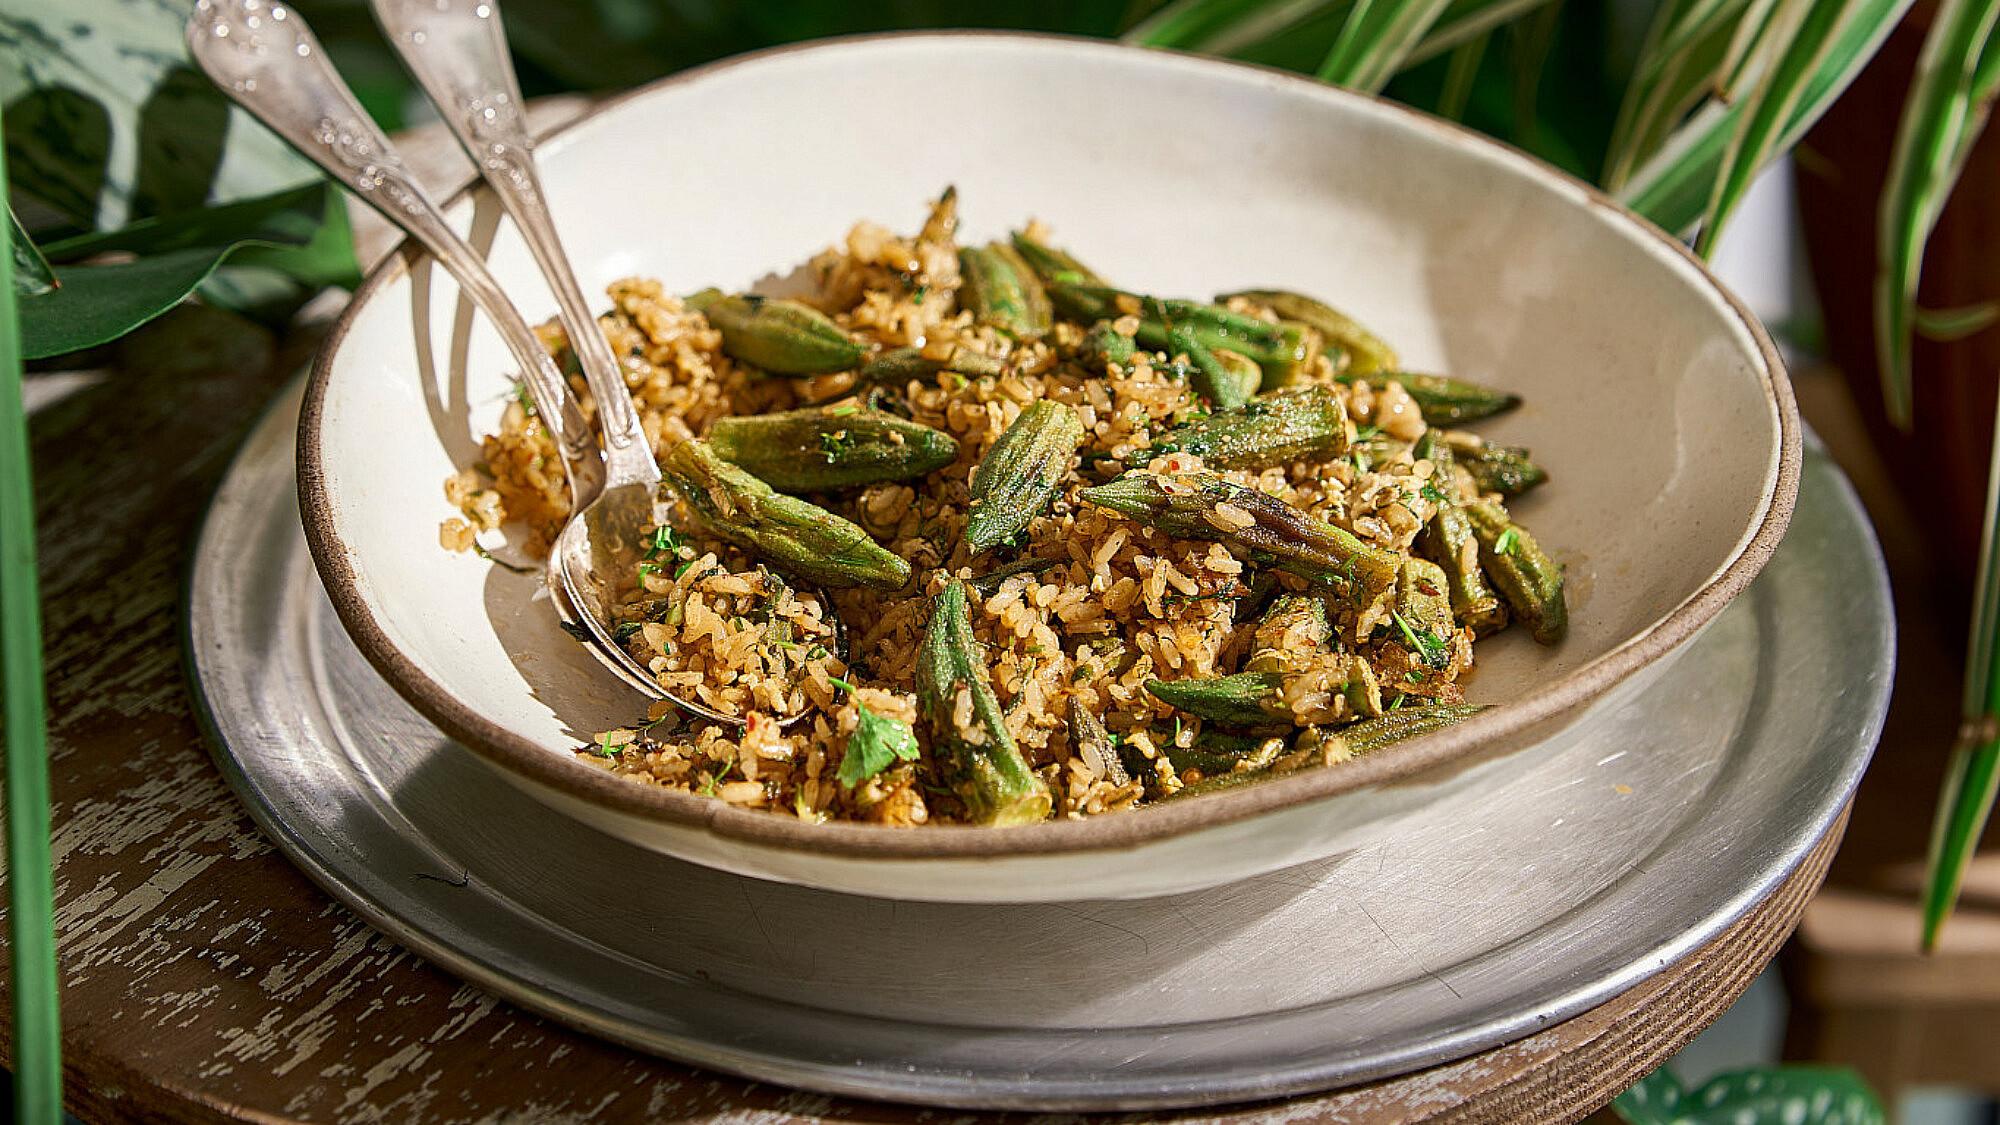 אורז עגול עם עשבים, ביצה ובמיה של שף רן וייס   צילום: אנטולי מיכאלו